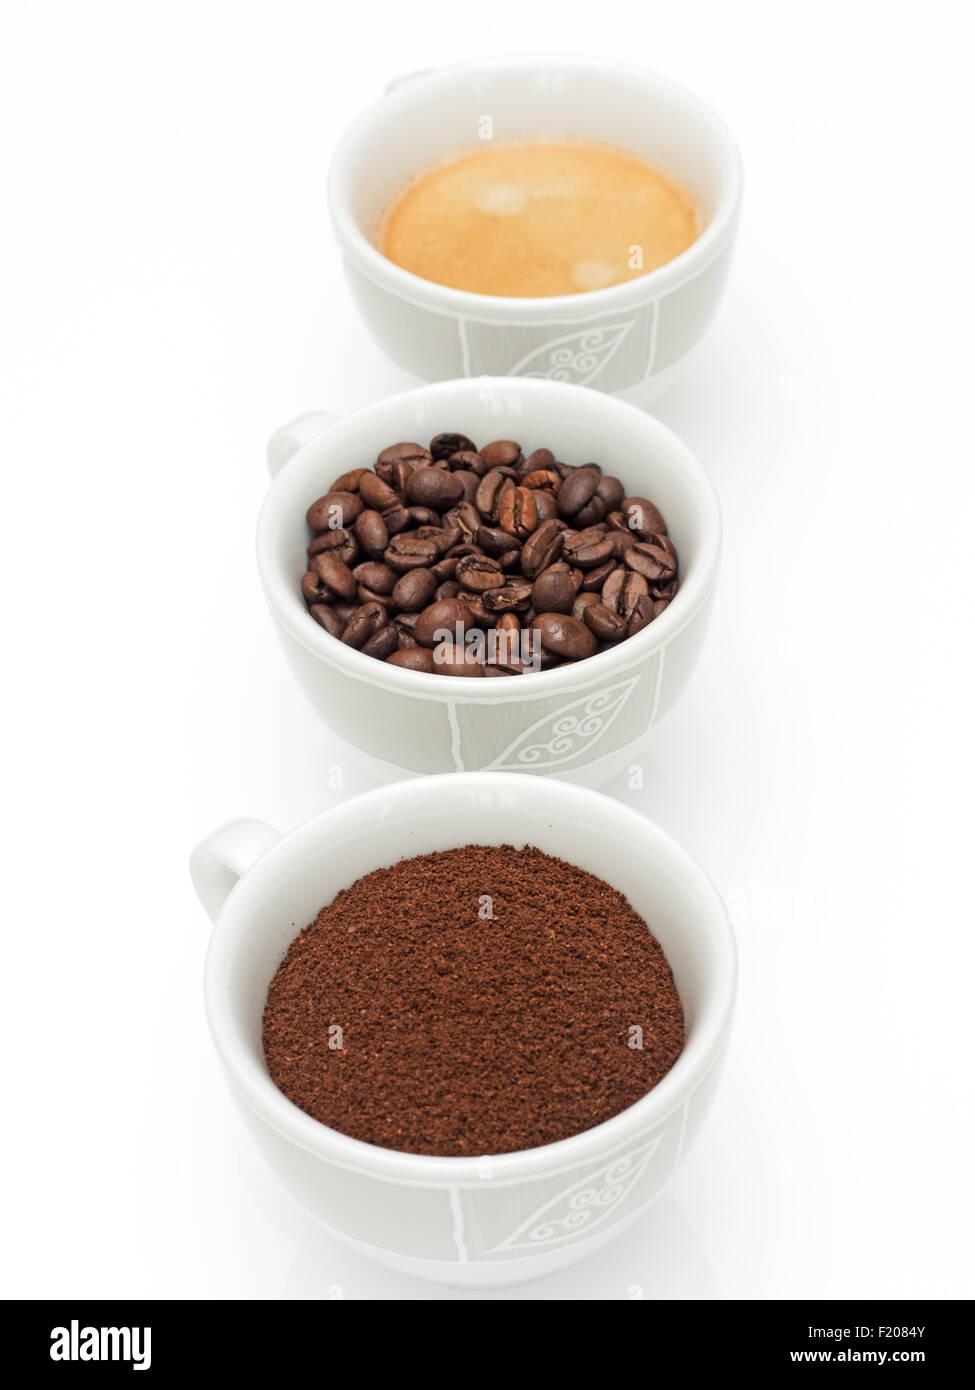 3 Kaffeetassen mit Kaffeepulver, Kaffeebohnen und Kaffee - Stock Image